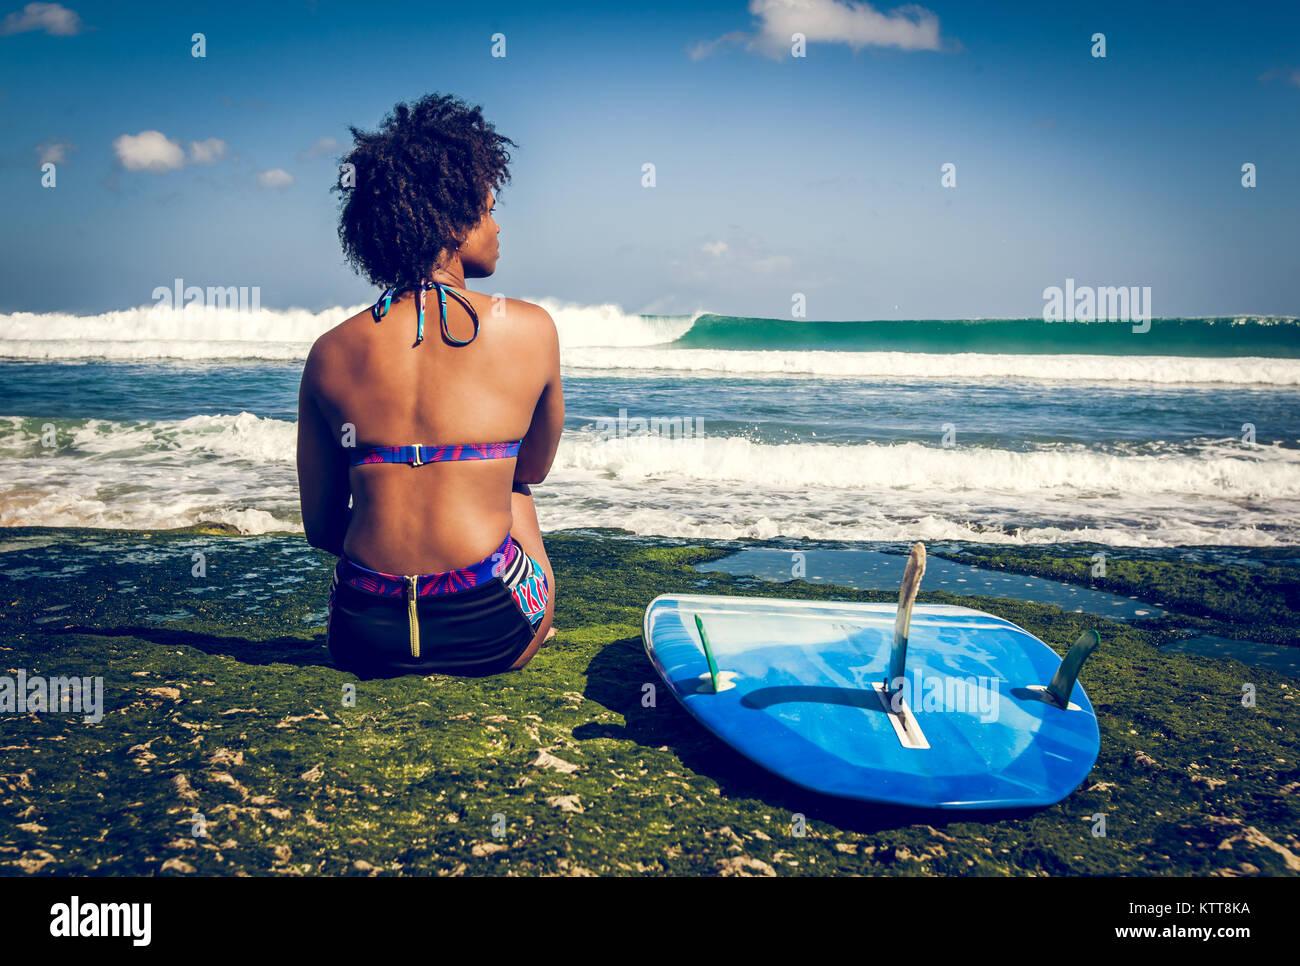 Surfer Girl mit Afro Frisur sitzt neben blau Surfboard auf dem Grün Korallenriff vor einer atemberaubenden Stockbild